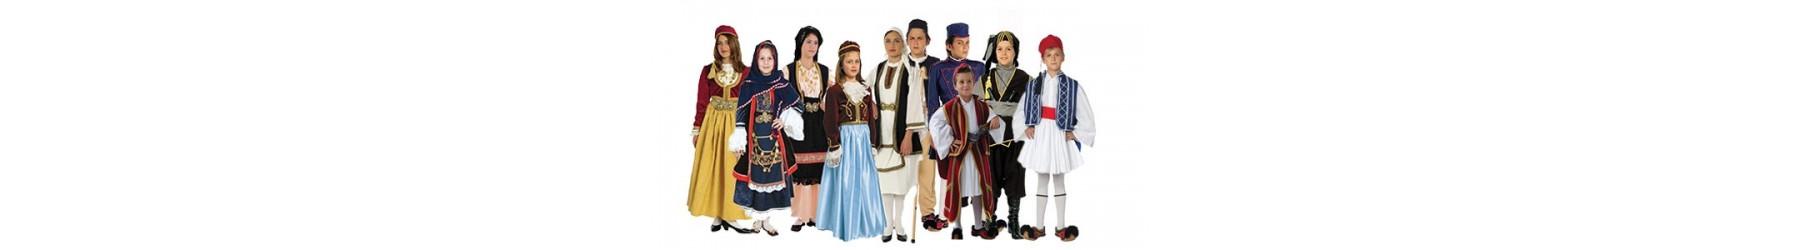 Παραδοσιακές στολές και φορεσιές. Τσολιάς, Αμαλία, τοπικές ενδυμασίες